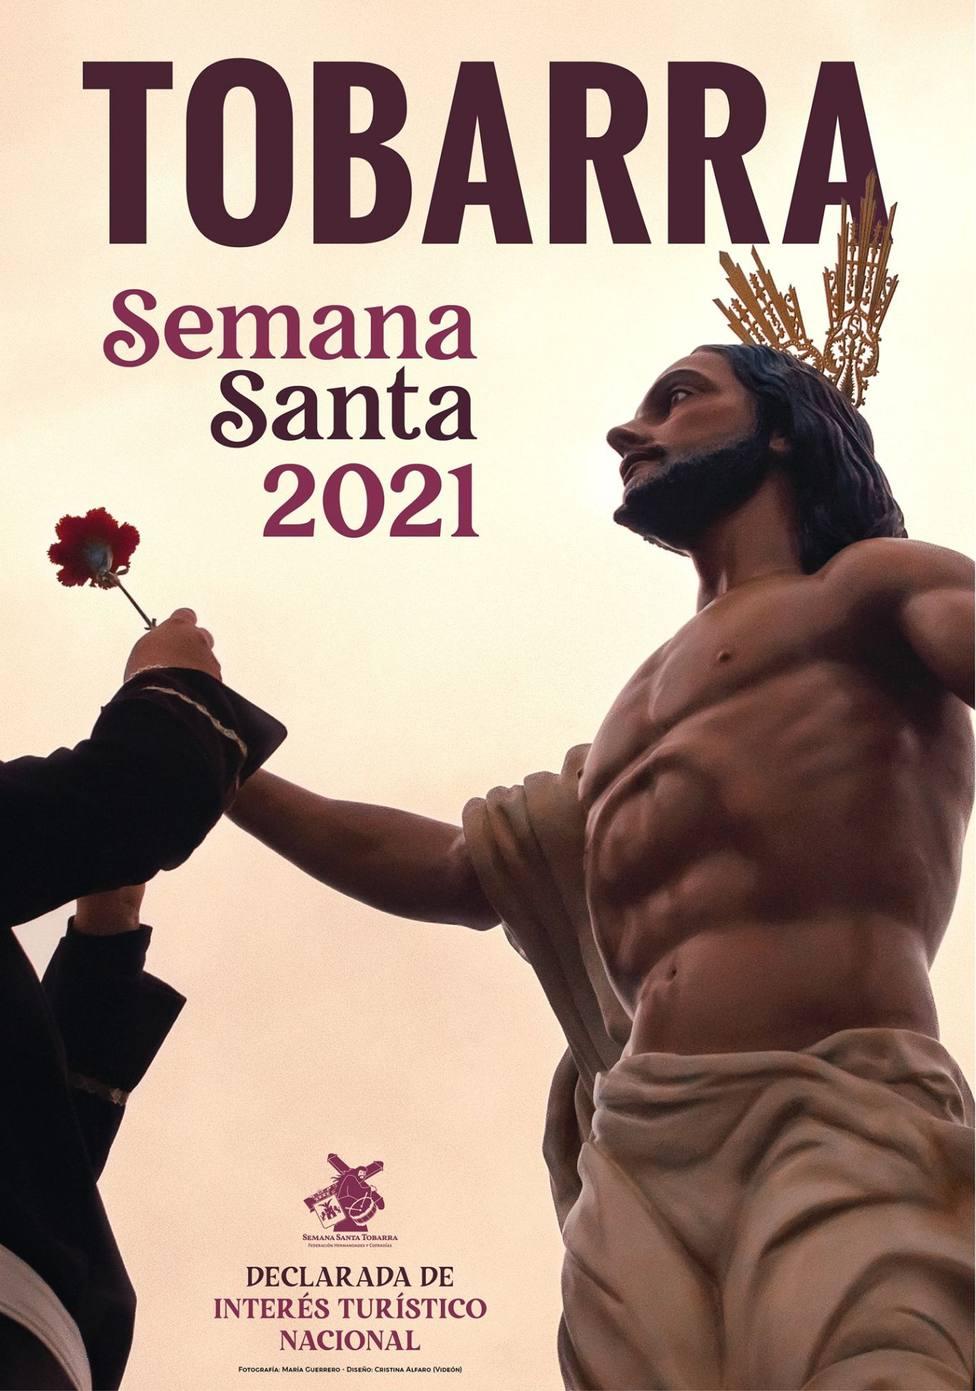 Tobarra celebrará su Semana Santa en los templos y el tambor volverá a redoblar